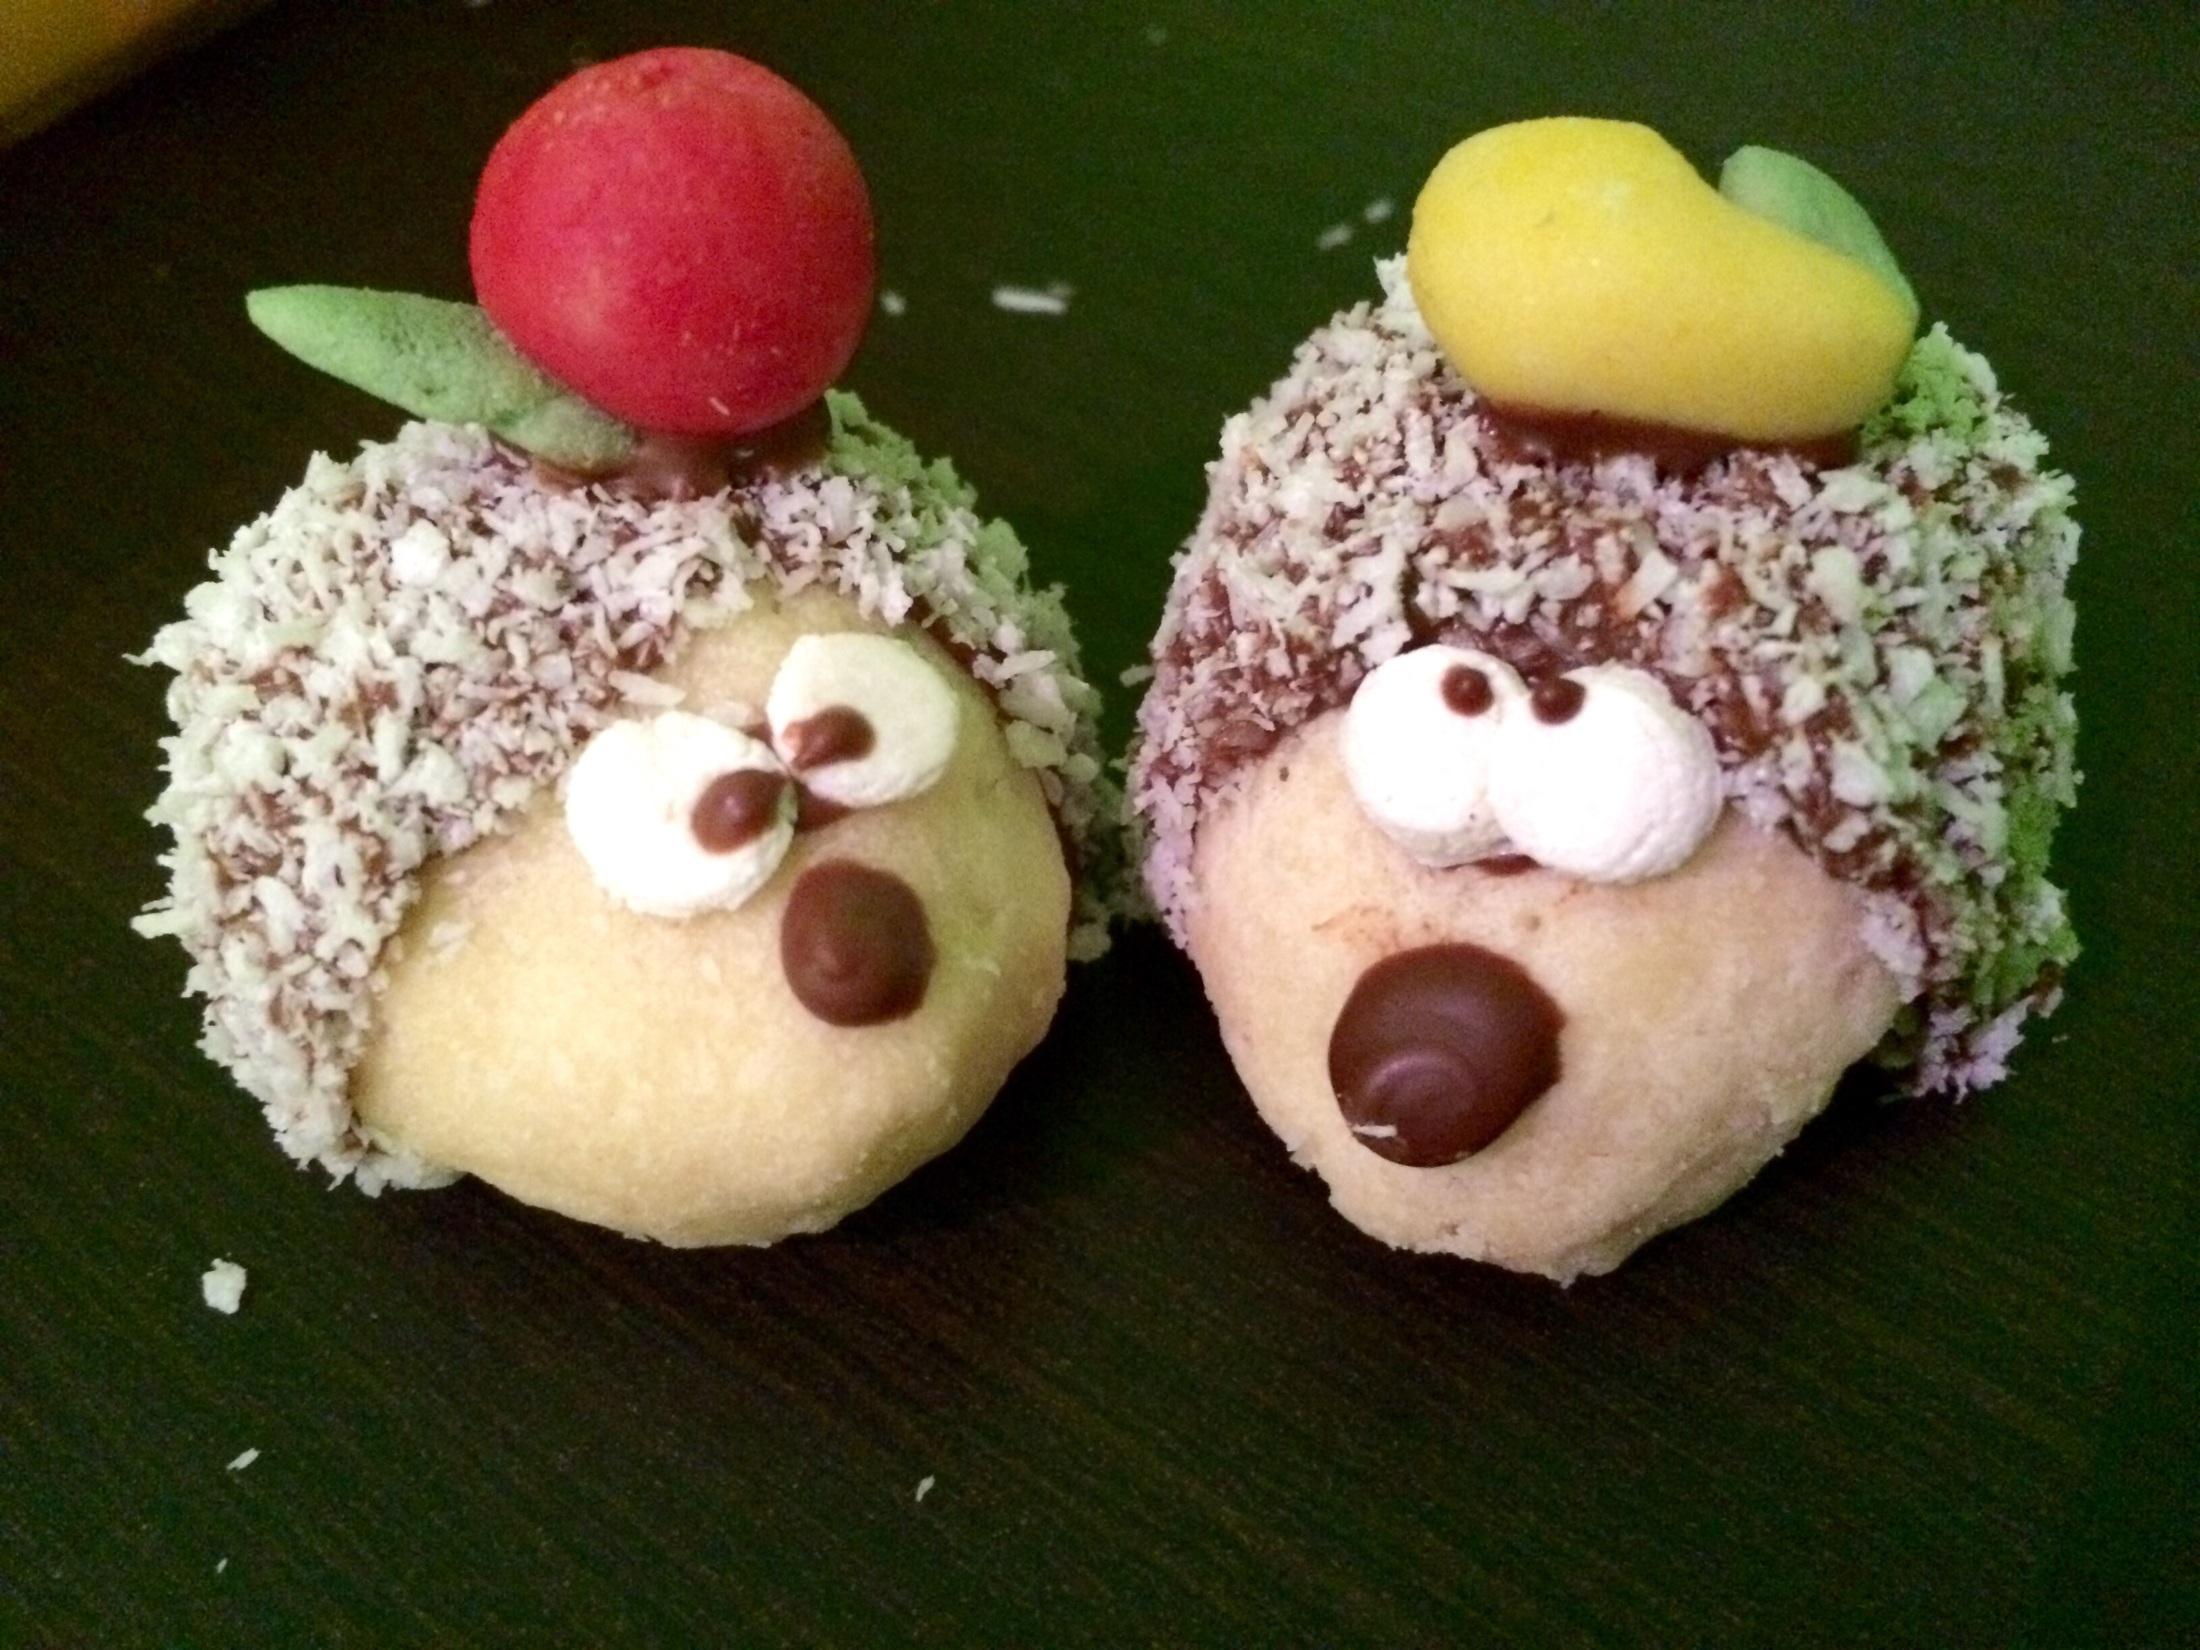 Recept Vánoční ježci - Našla jsem doma i kousek marcipánu, tak jsem je trošku přizdobila :)